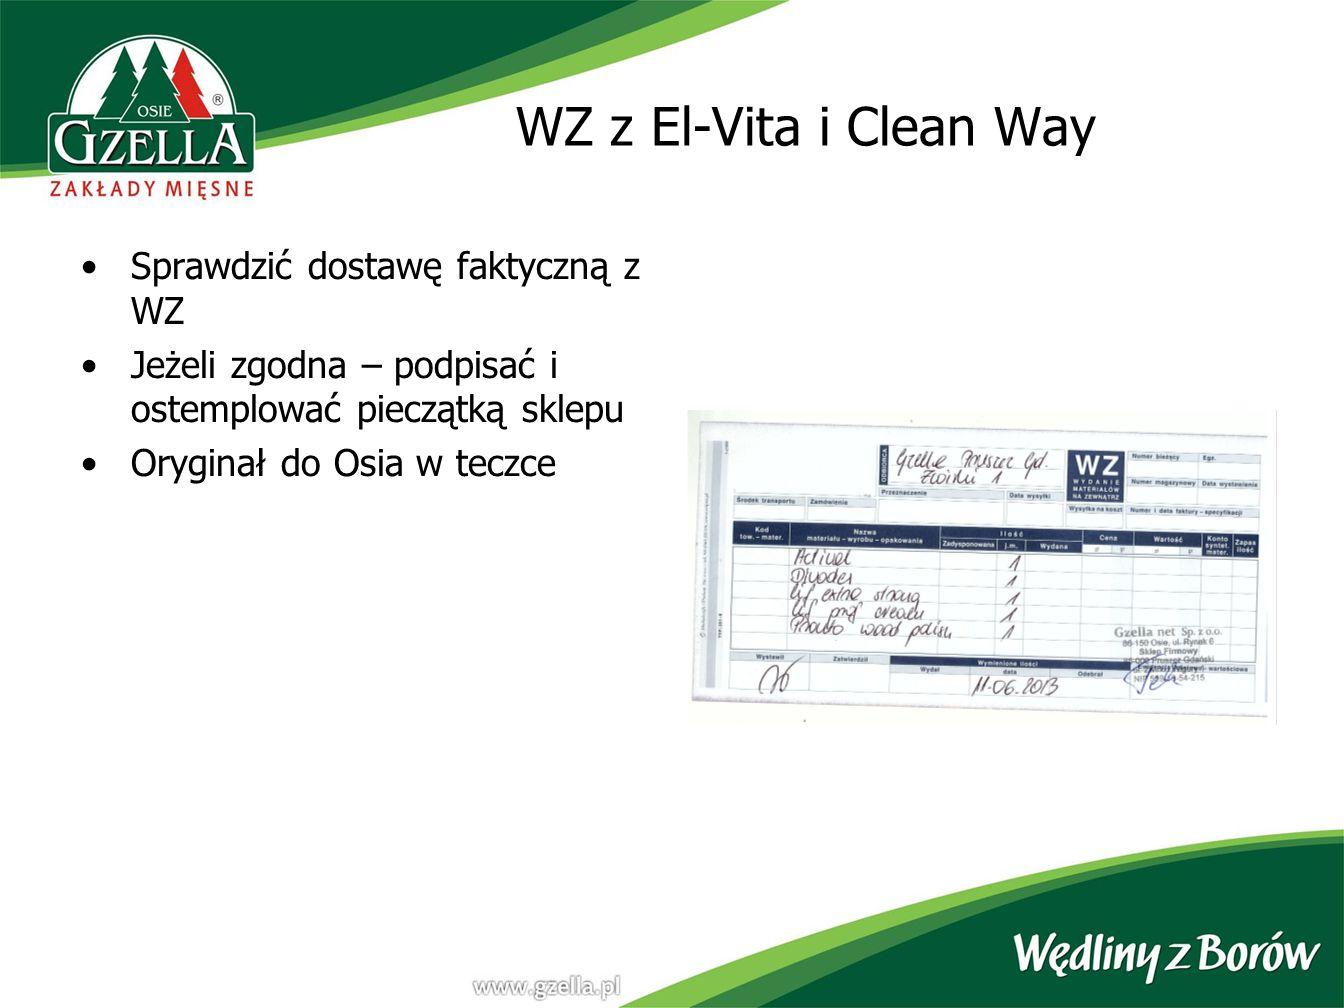 WZ z El-Vita i Clean Way Sprawdzić dostawę faktyczną z WZ